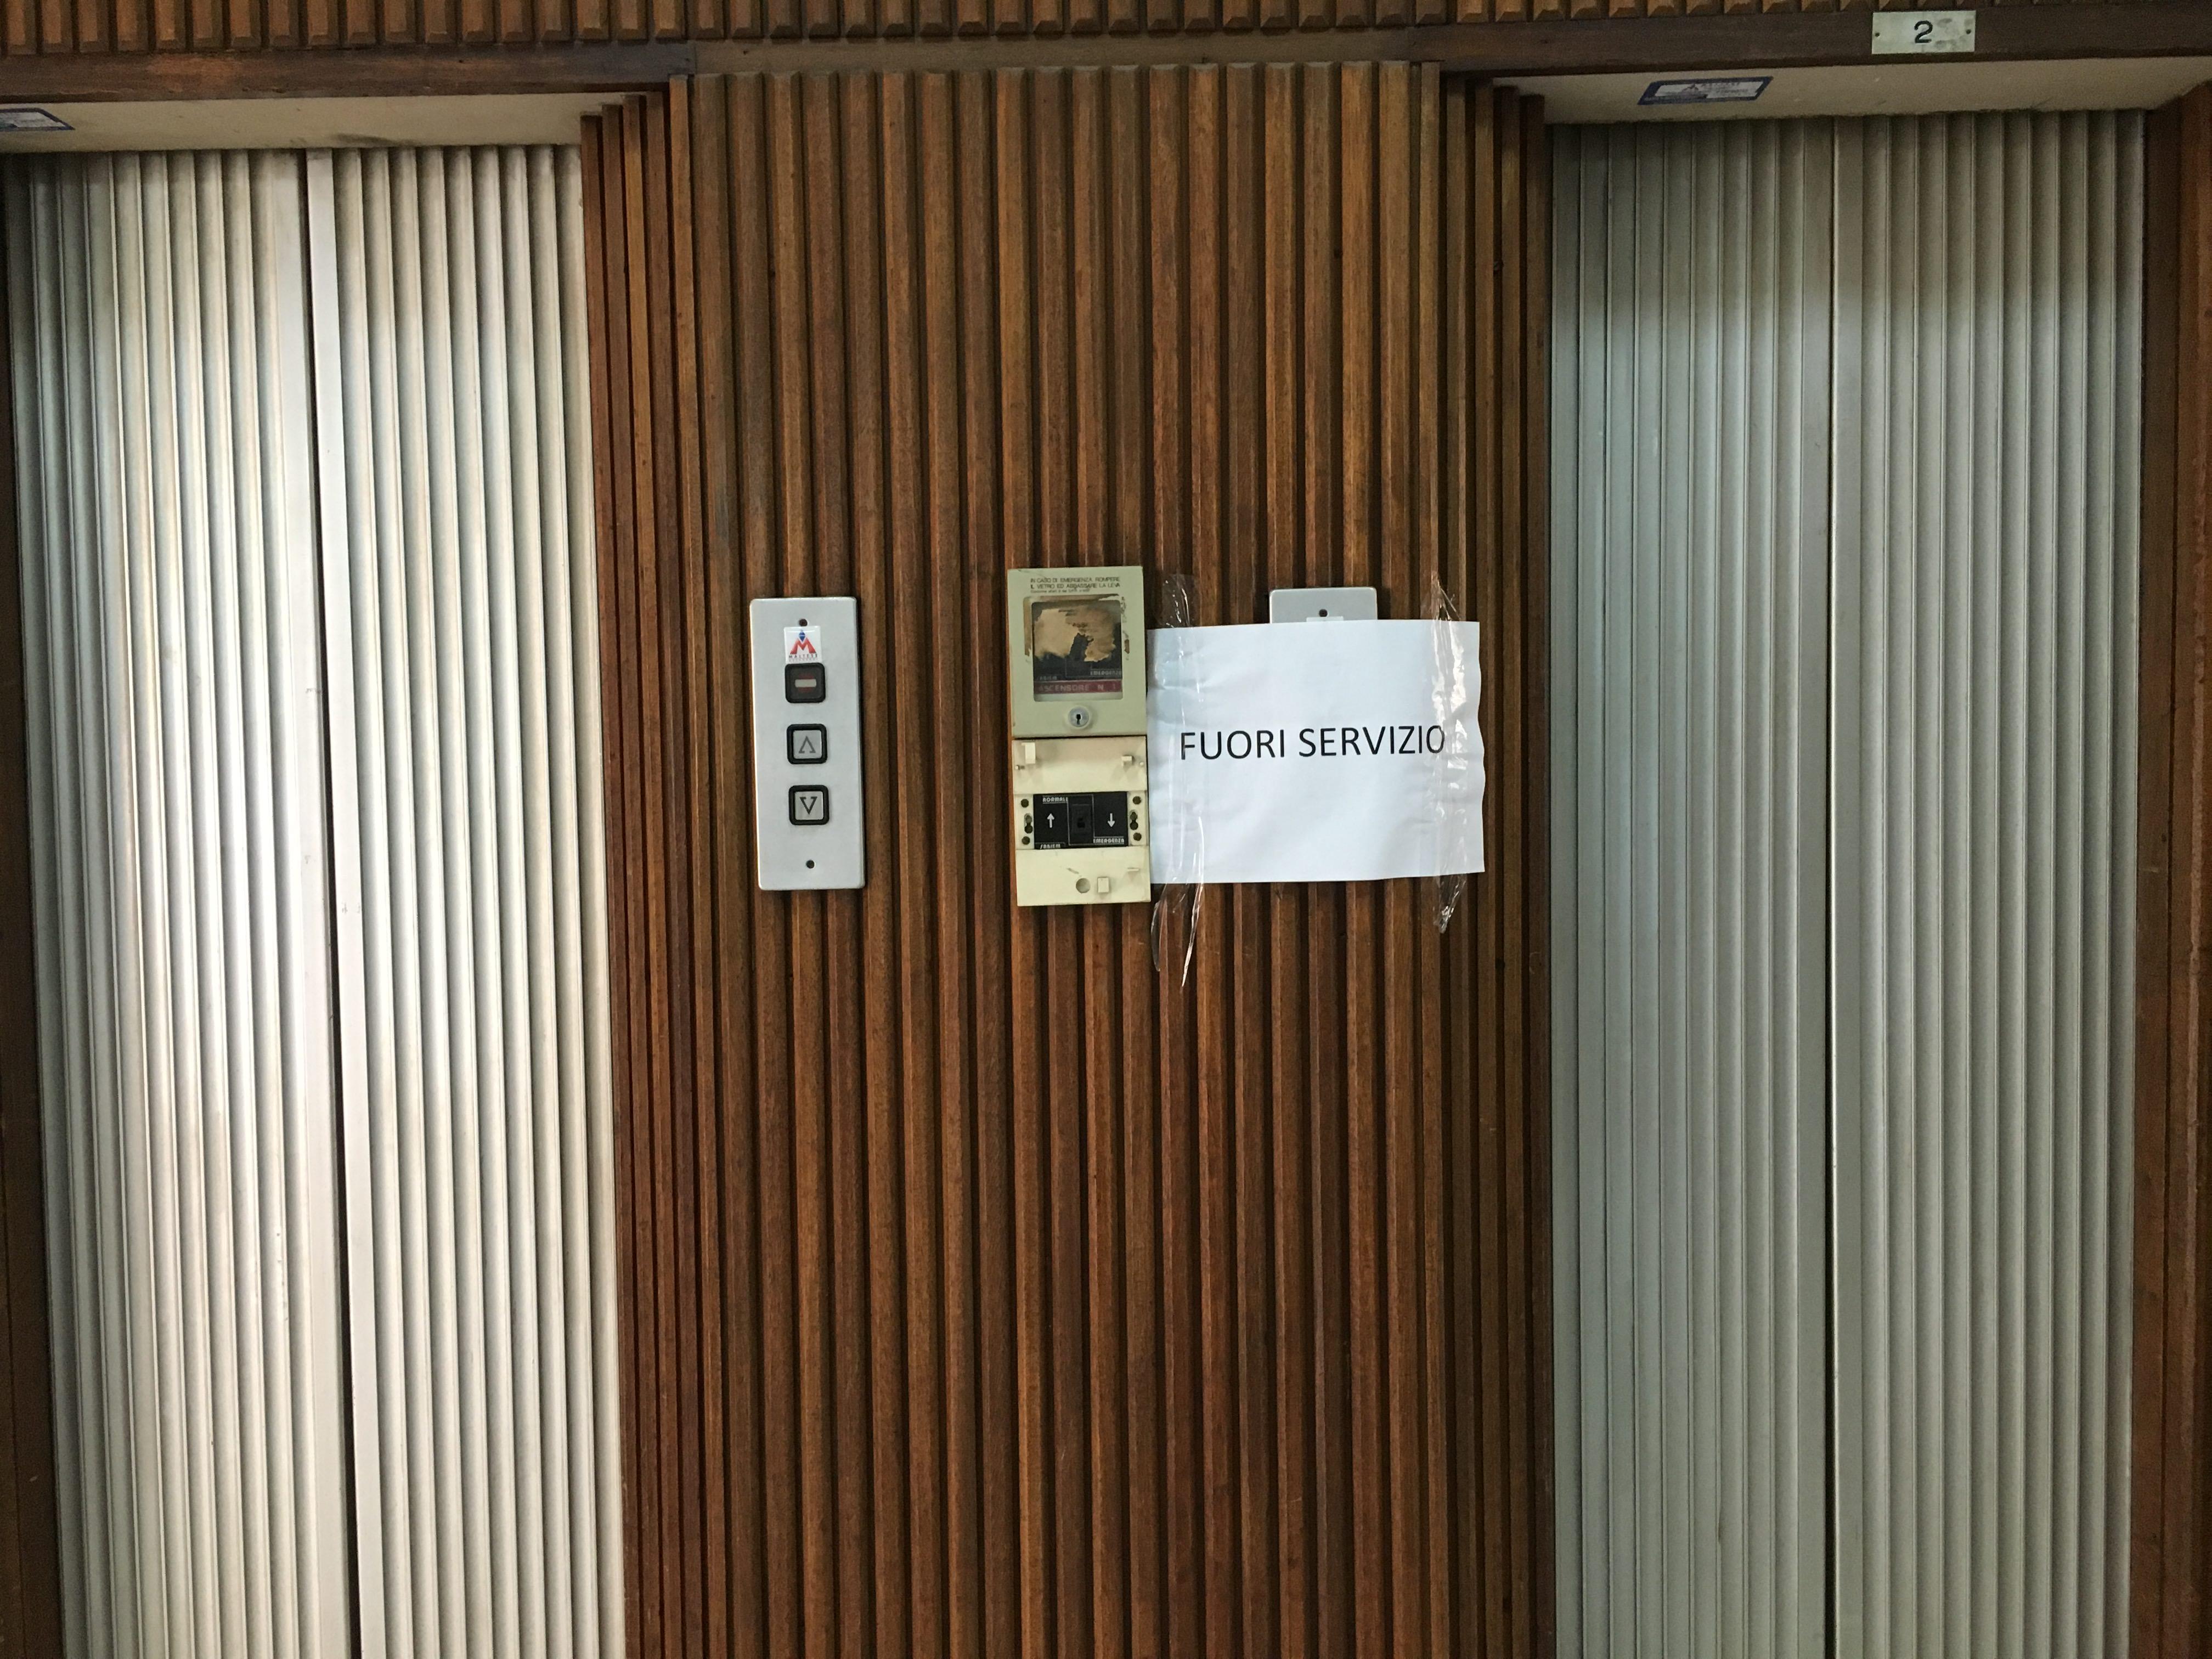 Sei piani di scale a piedi ascensori fuori servizio al for Piani di ascensore domestico